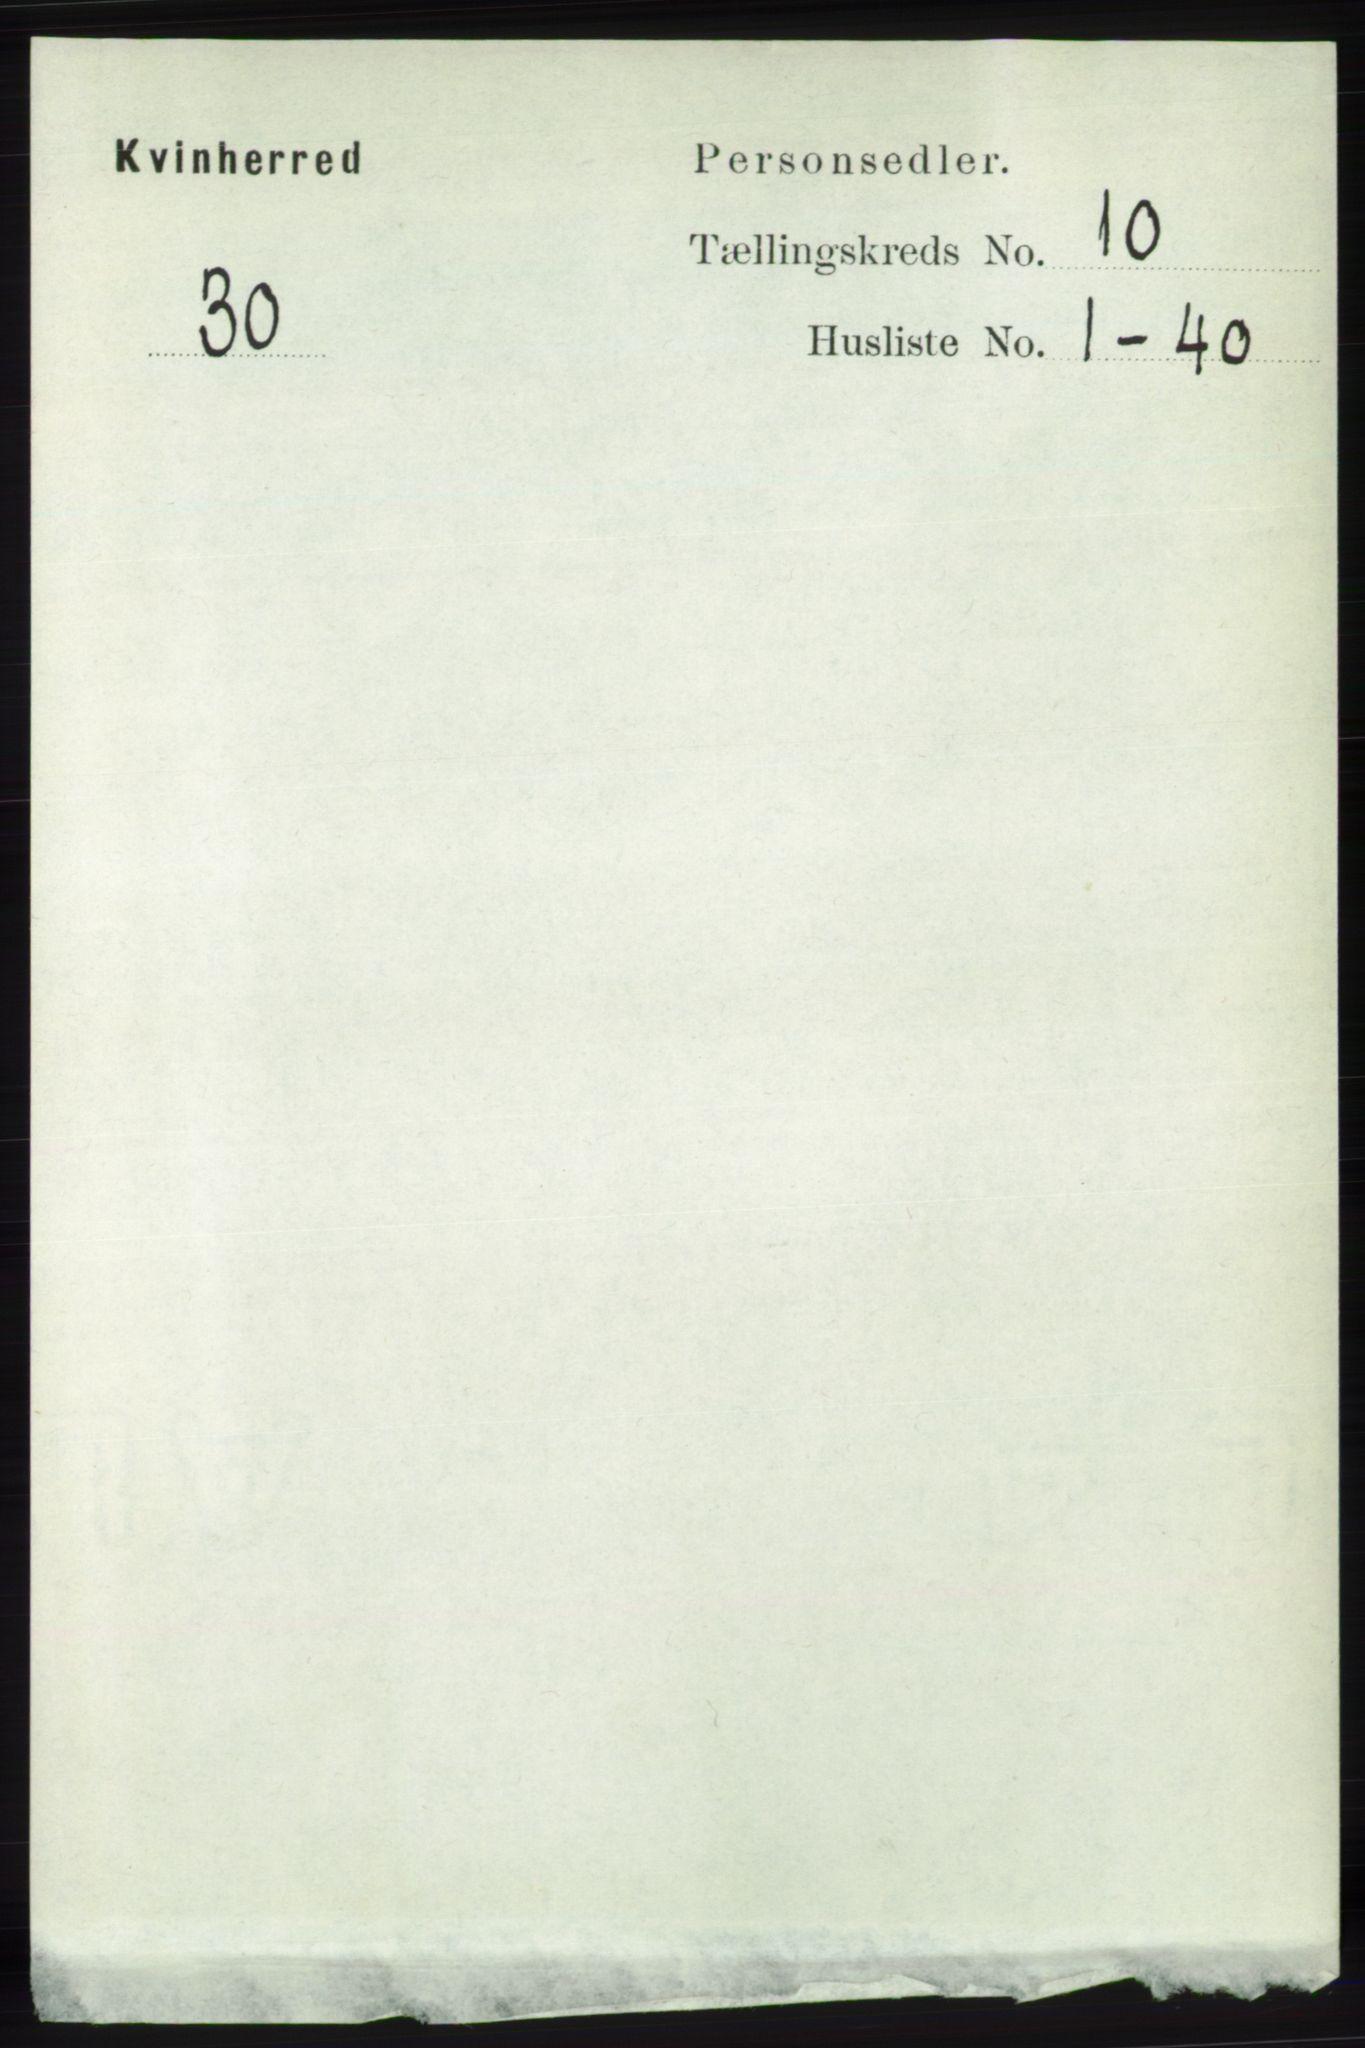 RA, Folketelling 1891 for 1224 Kvinnherad herred, 1891, s. 3562